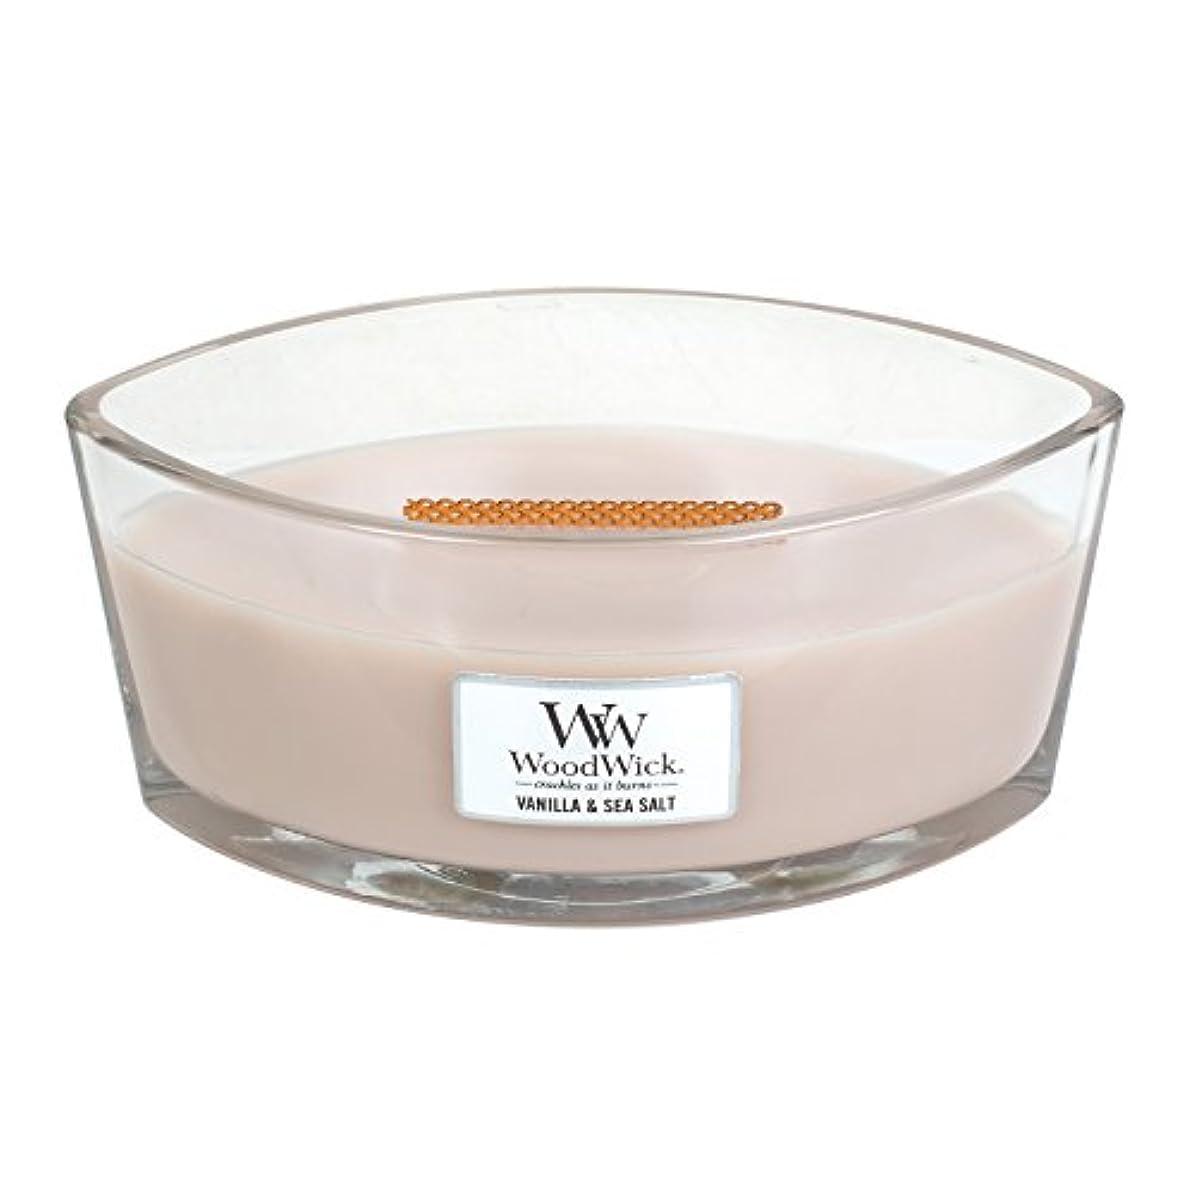 灰美的警告するWoodWick VANILLA & SEA SALT, Highly Scented Candle, Ellipse Glass Jar with Original HearthWick Flame, Large 18cm...